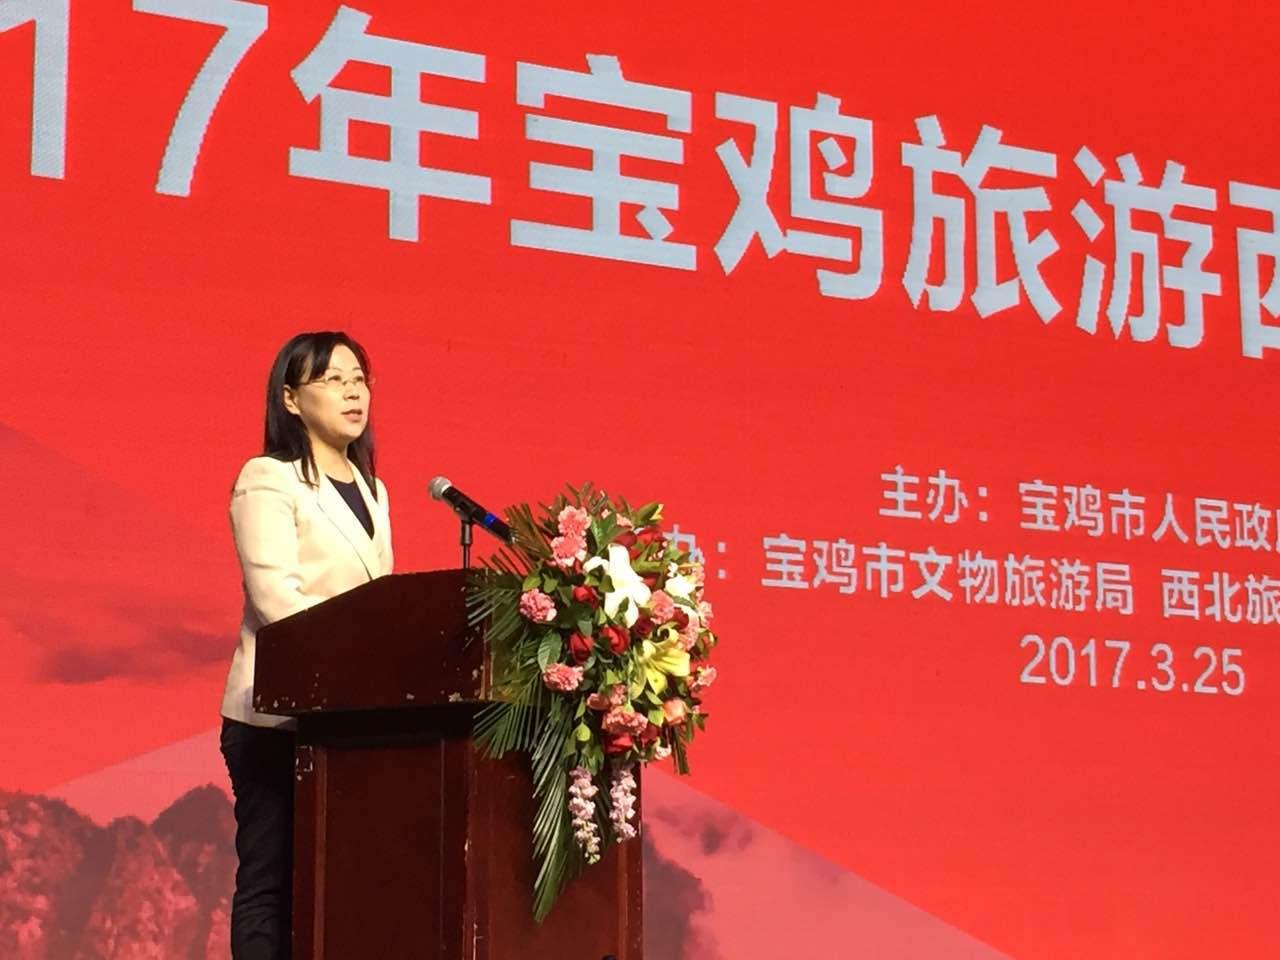 宝鸡 丁琳_2017年宝鸡旅游西北营销大会在西安成功举办_陕西频道_凤凰网